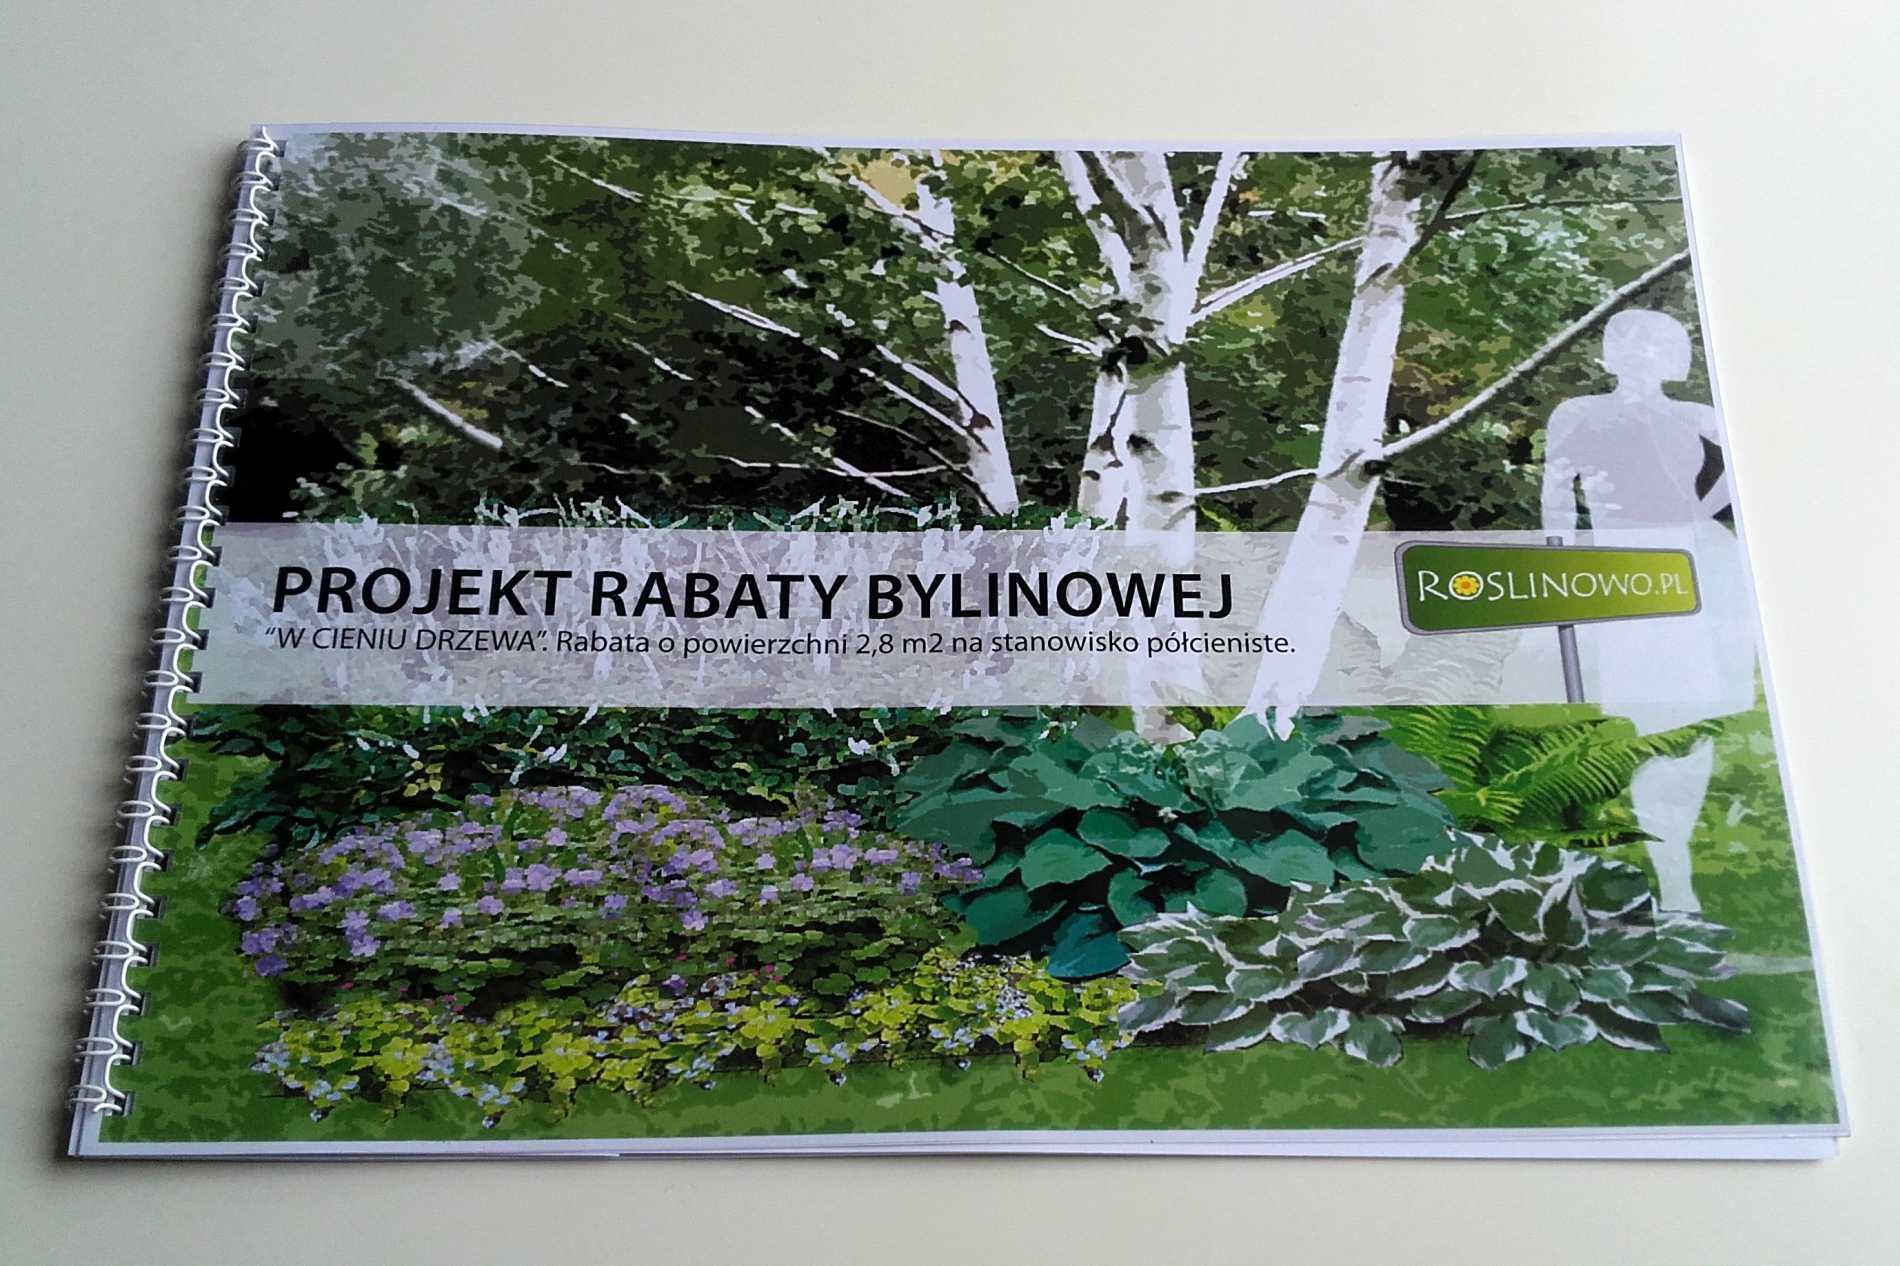 gotowy projekt rabaty bylinowej - w cieniu drzewa